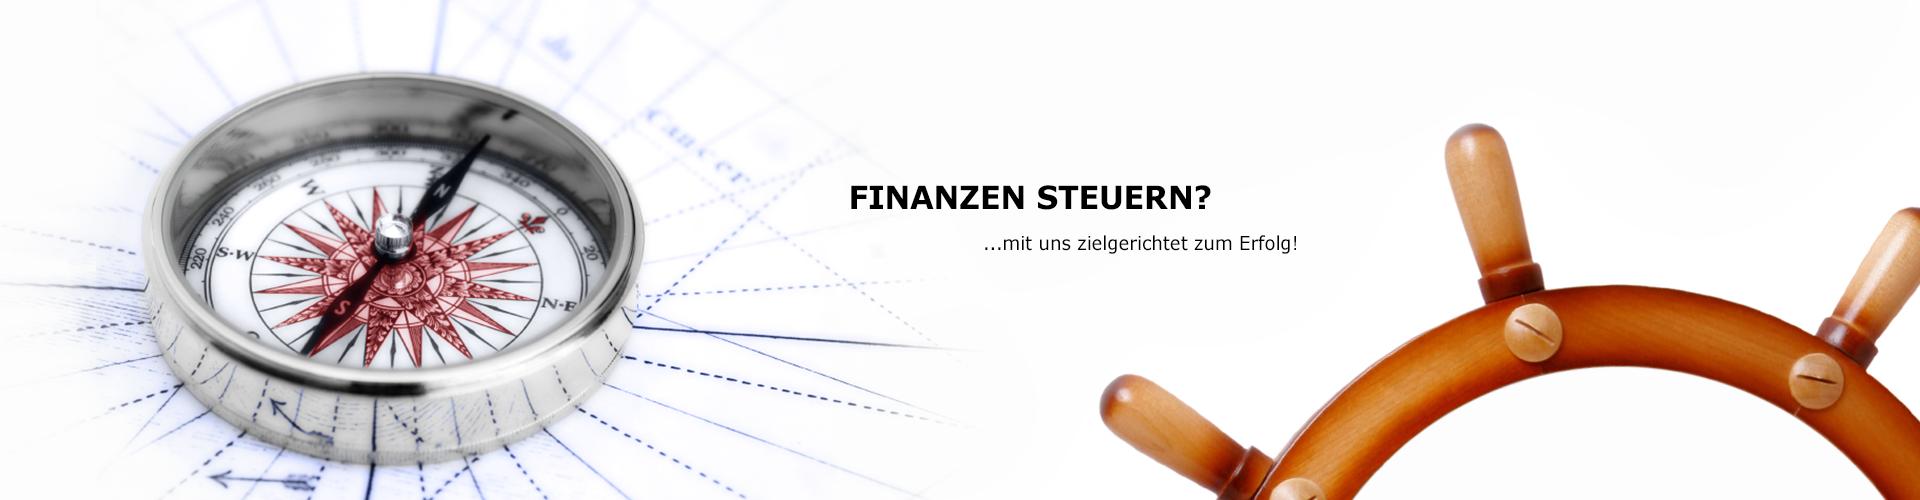 finanzen-steuern